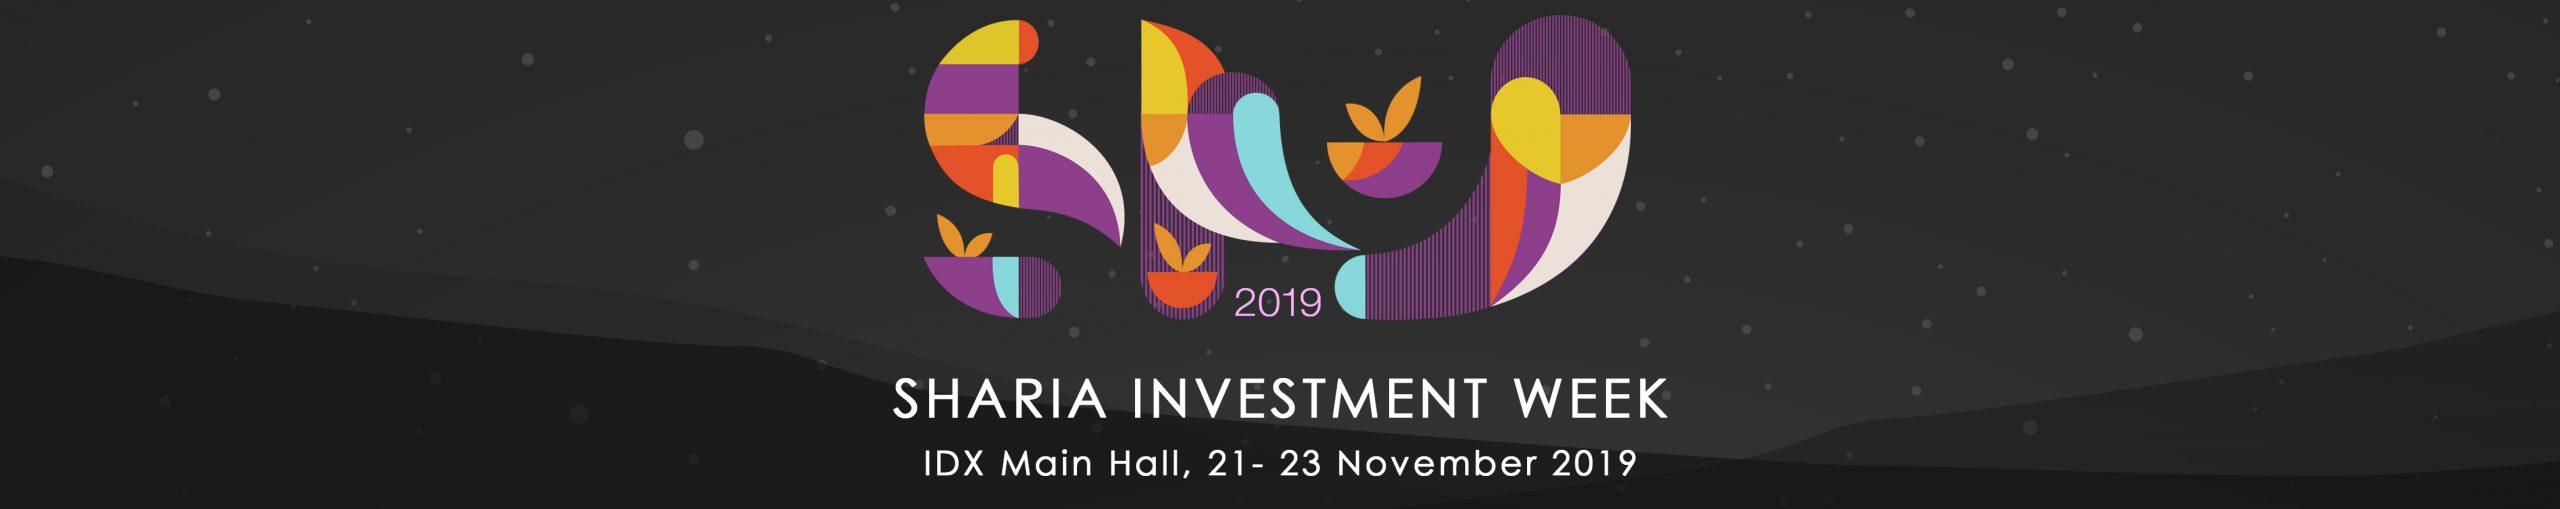 Sharia Investment Week 2019  - header idx website siw2019 scaled - Sharia Investment Week 2019